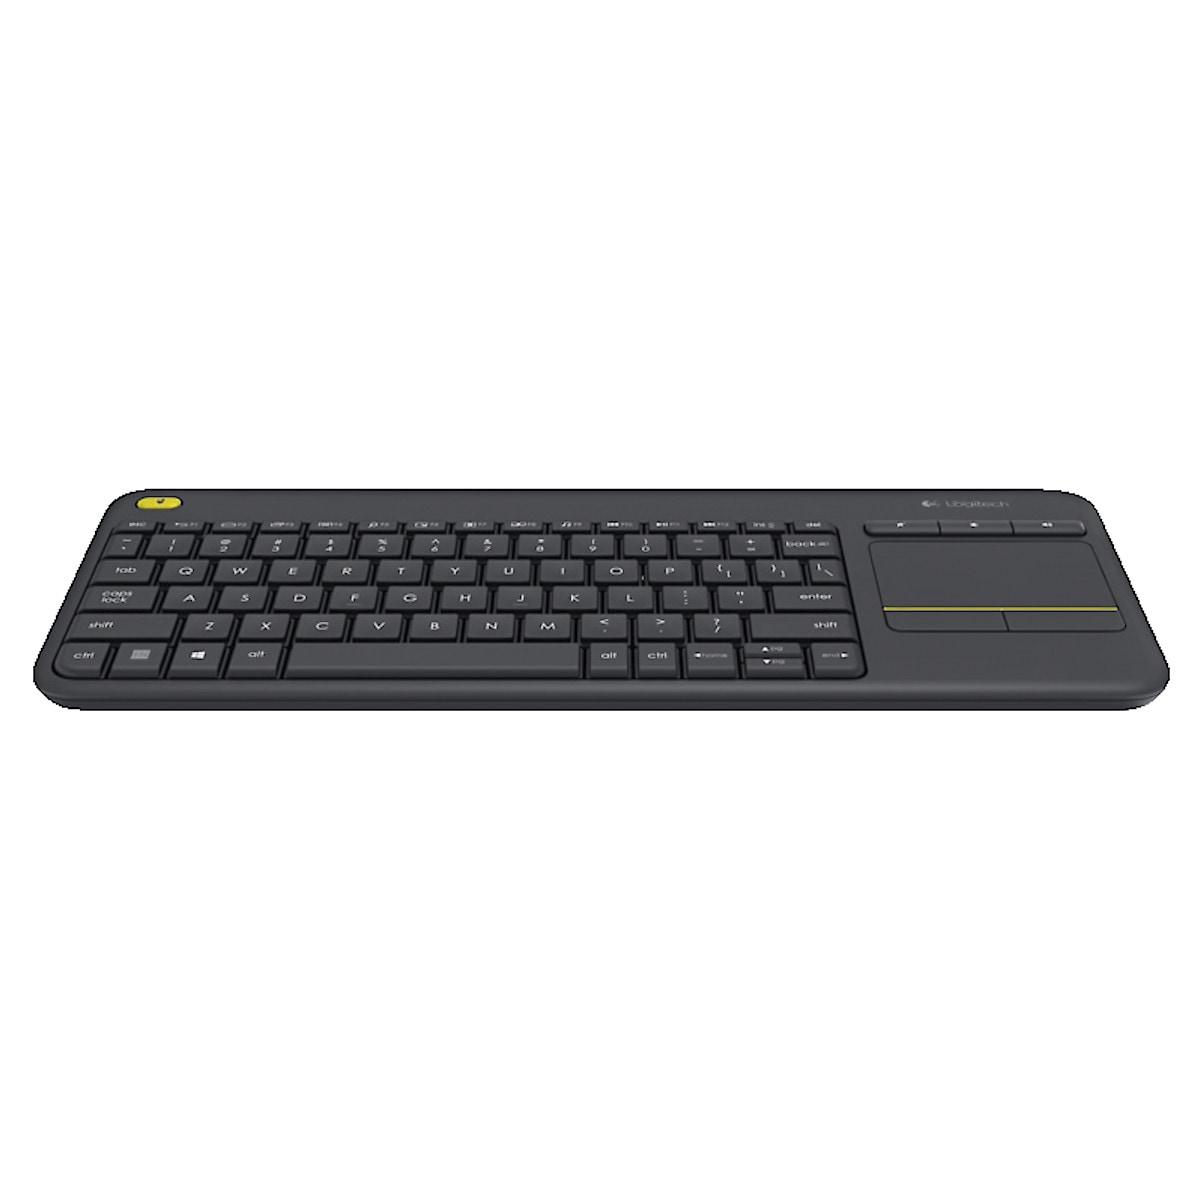 Trådlöst tangentbord med touchplatta K400 Plus Logitech